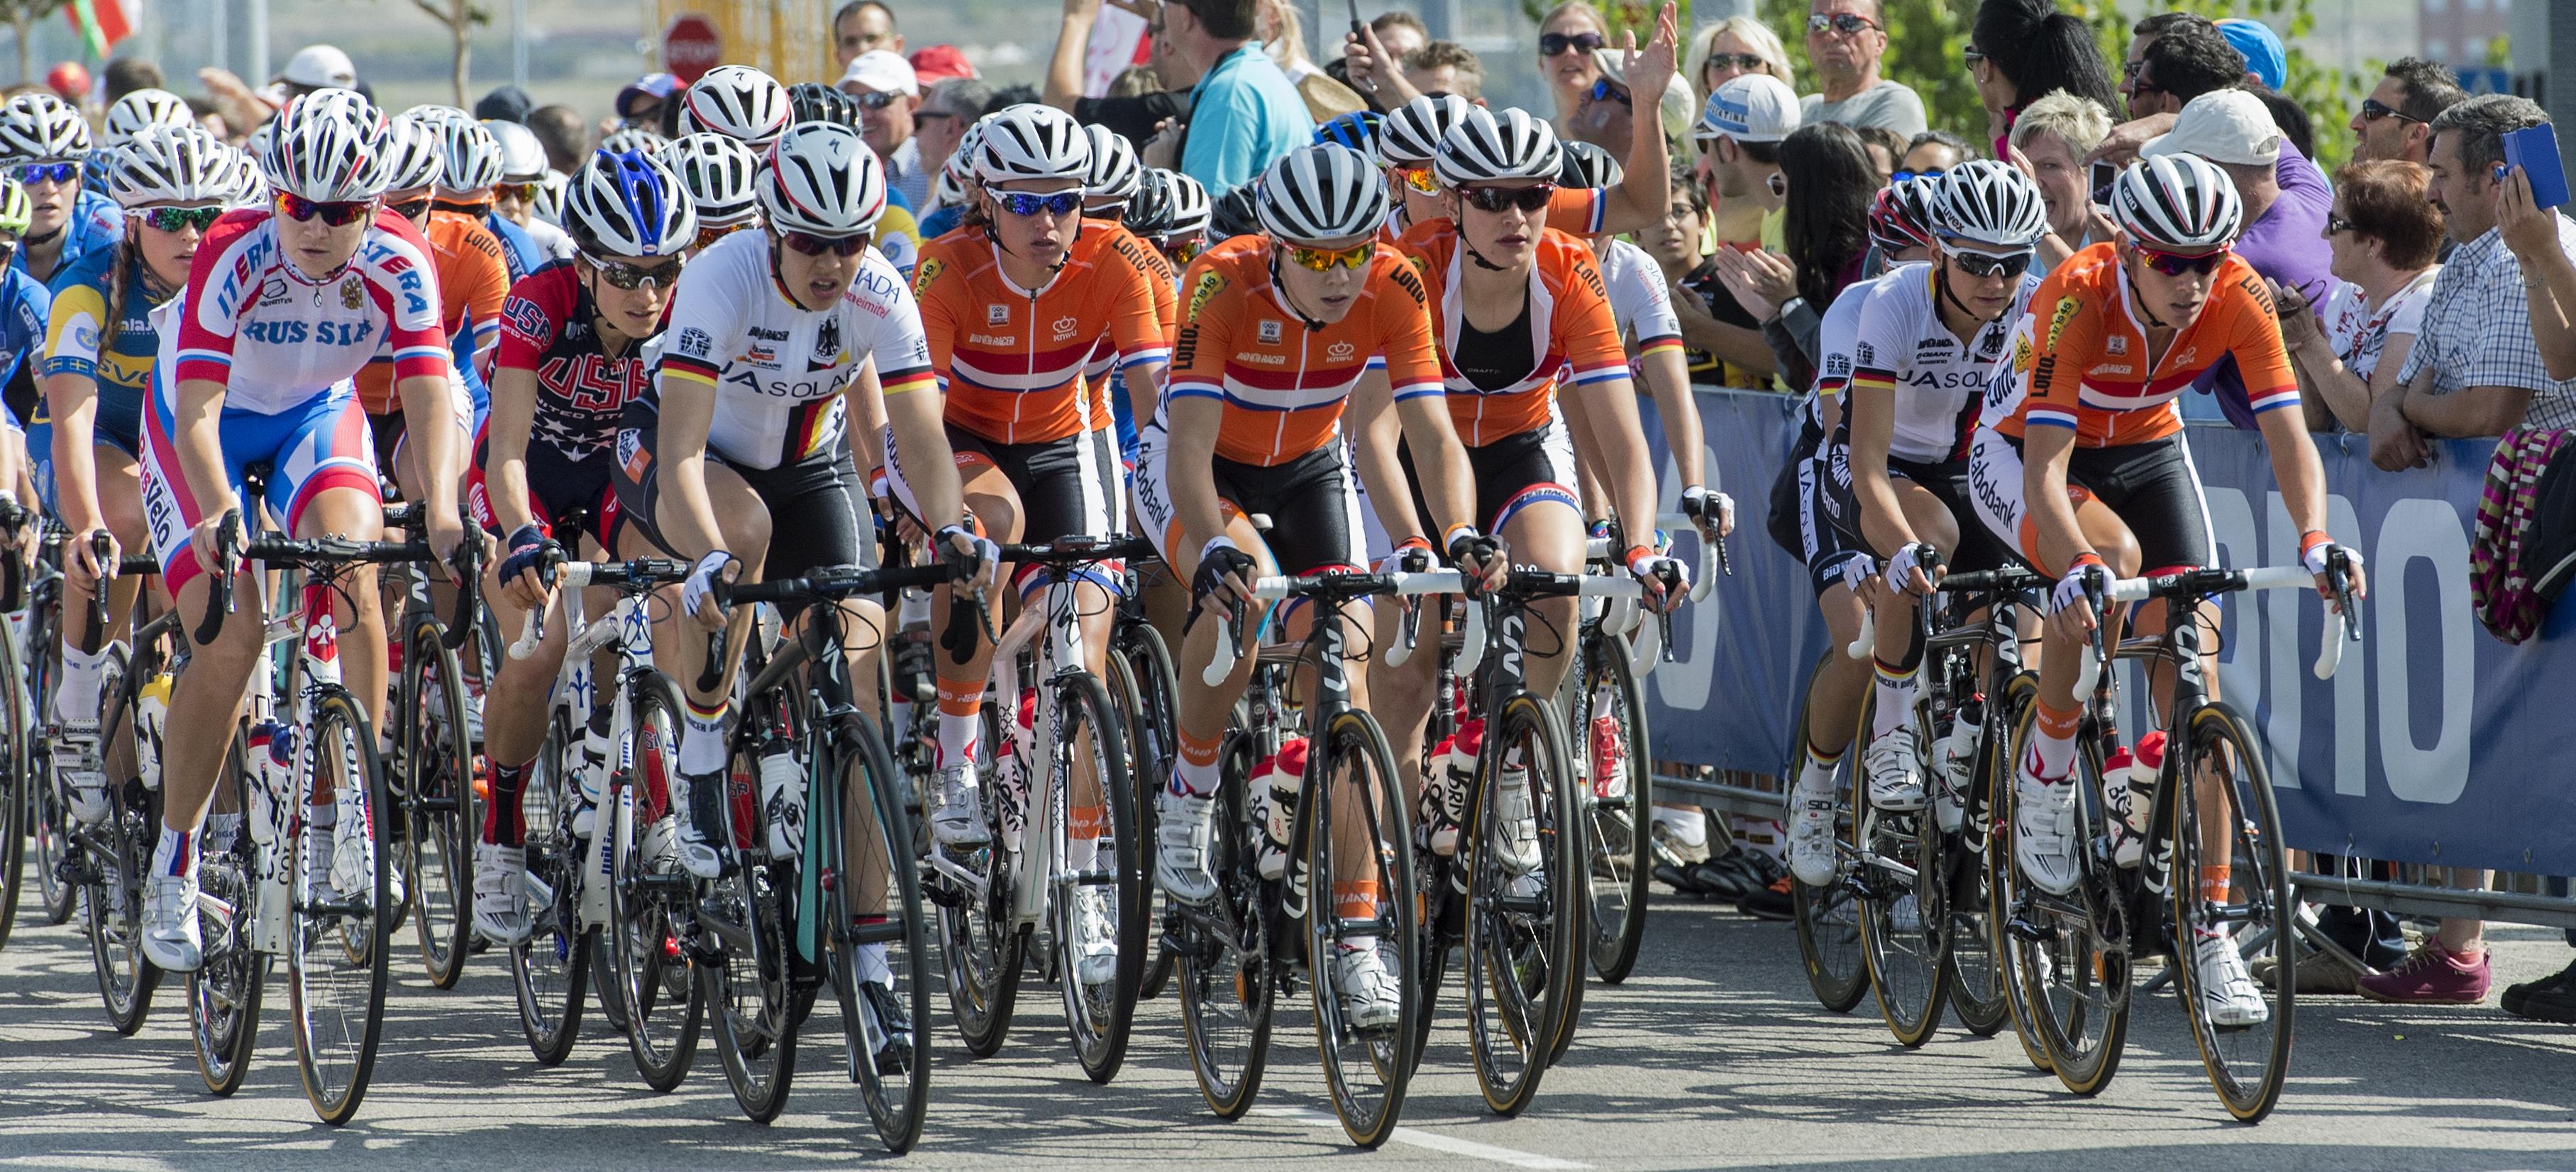 WK Wielrennen in Groningen en Drenthe! Hoe staat het ervoor?